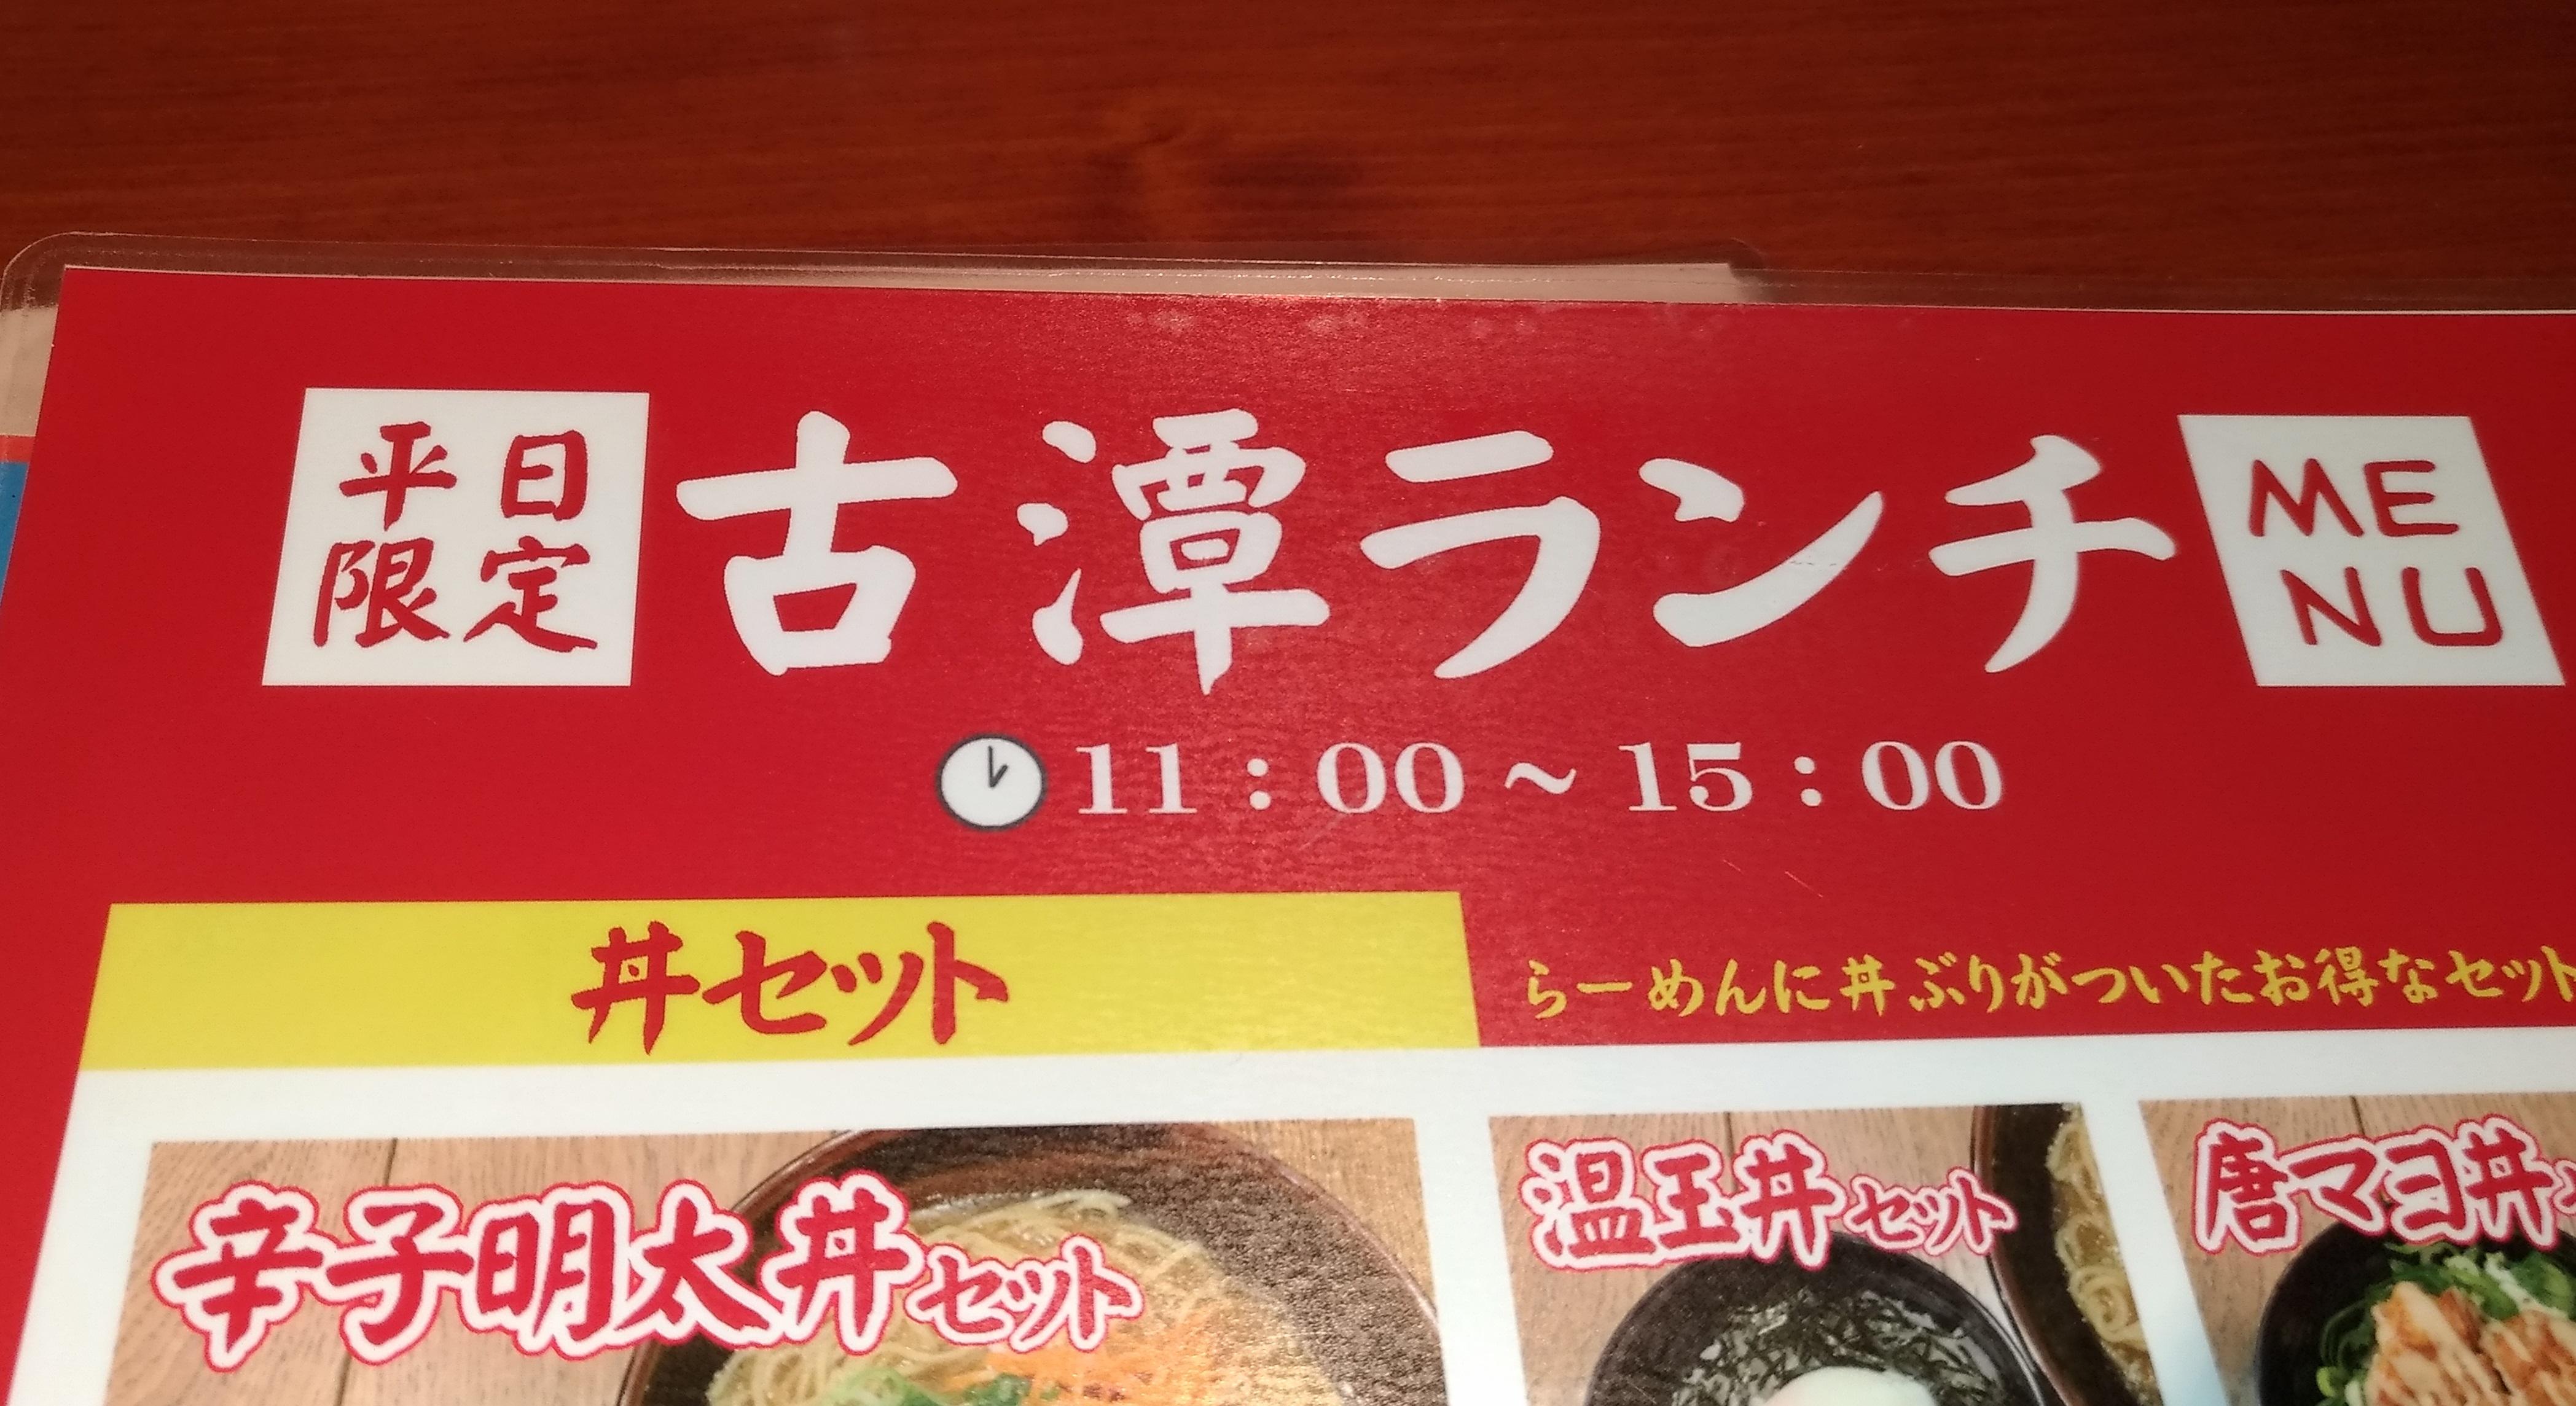 osaka_lunch_kotan_ramen_0707_.jpg